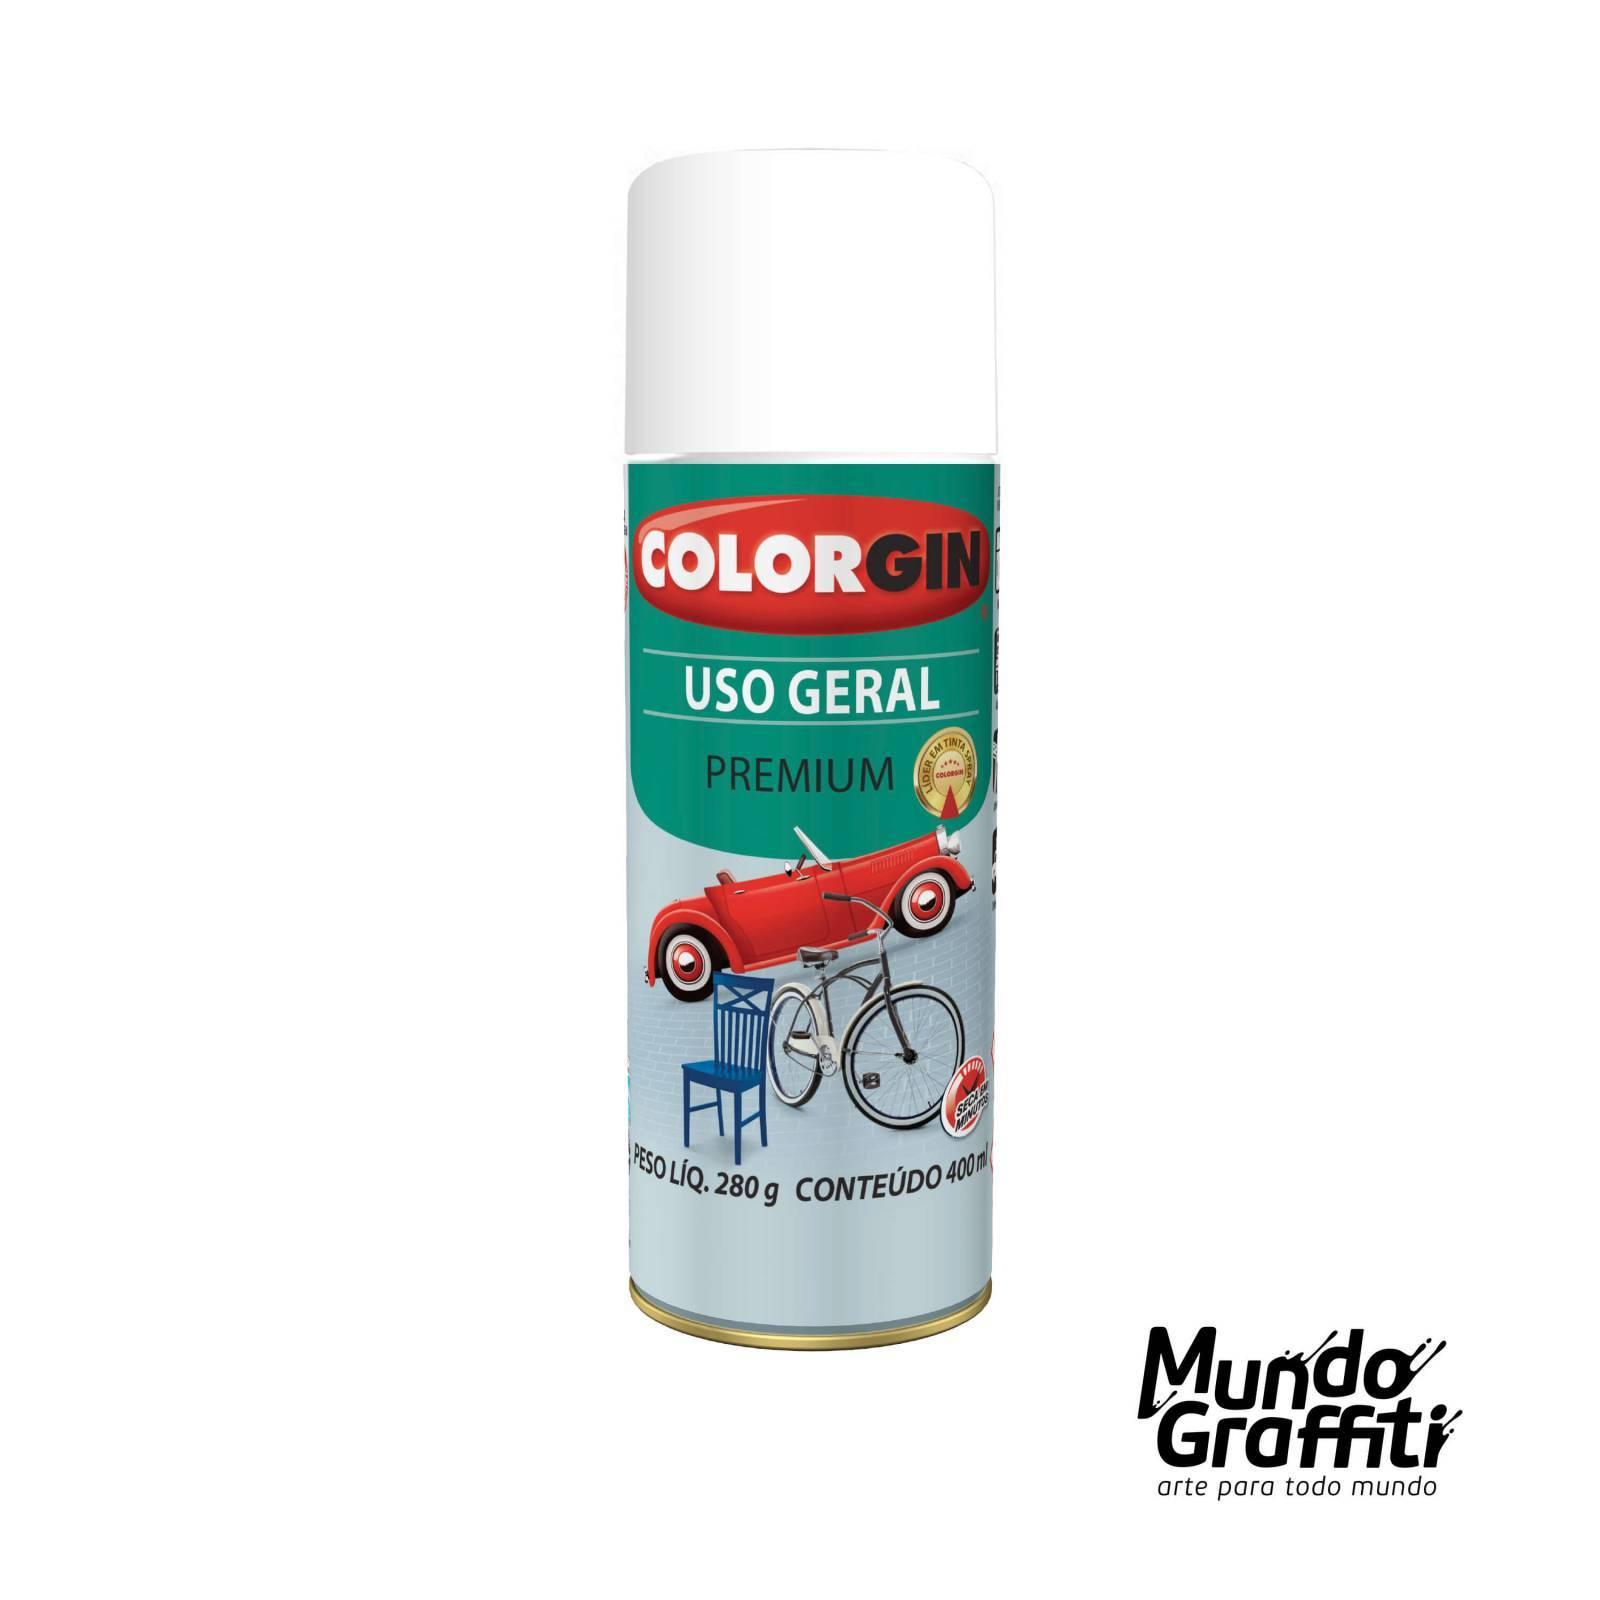 Tinta Spray Colorgin Uso Geral 54011 Branco Intenso Fosco 400ml - Mundo Graffiti